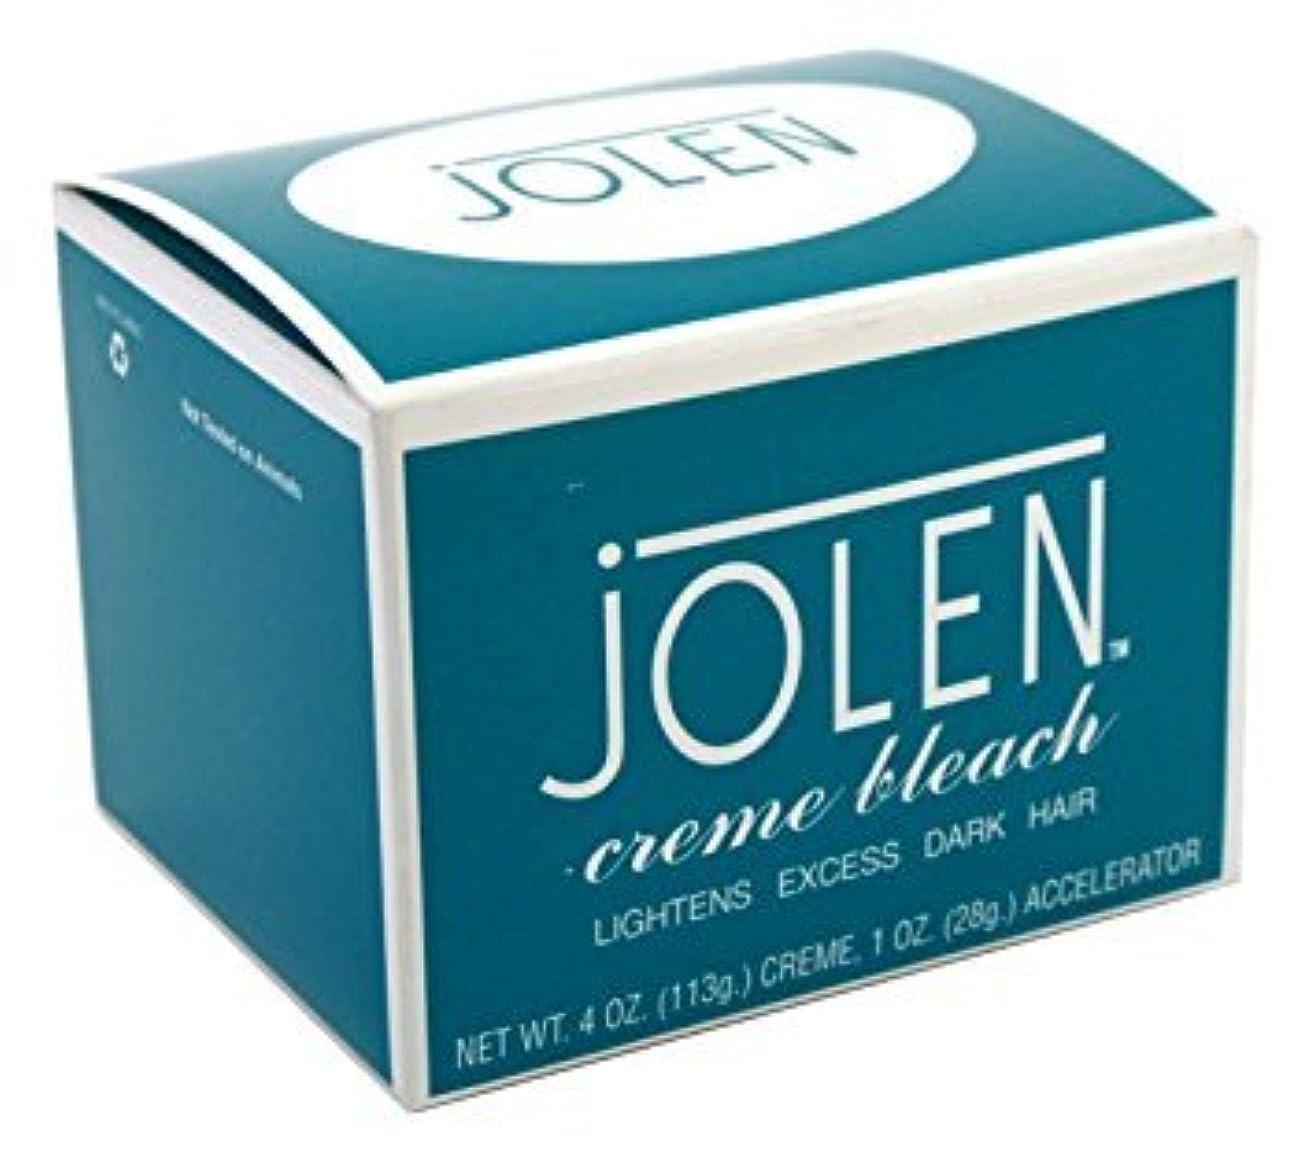 ペッカディロフォローまもなく箱つぶれ Jolen ジョレン 眉用ブリーチクリーム  レギュラー 大きなサイズ 4オンス [並行輸入品]